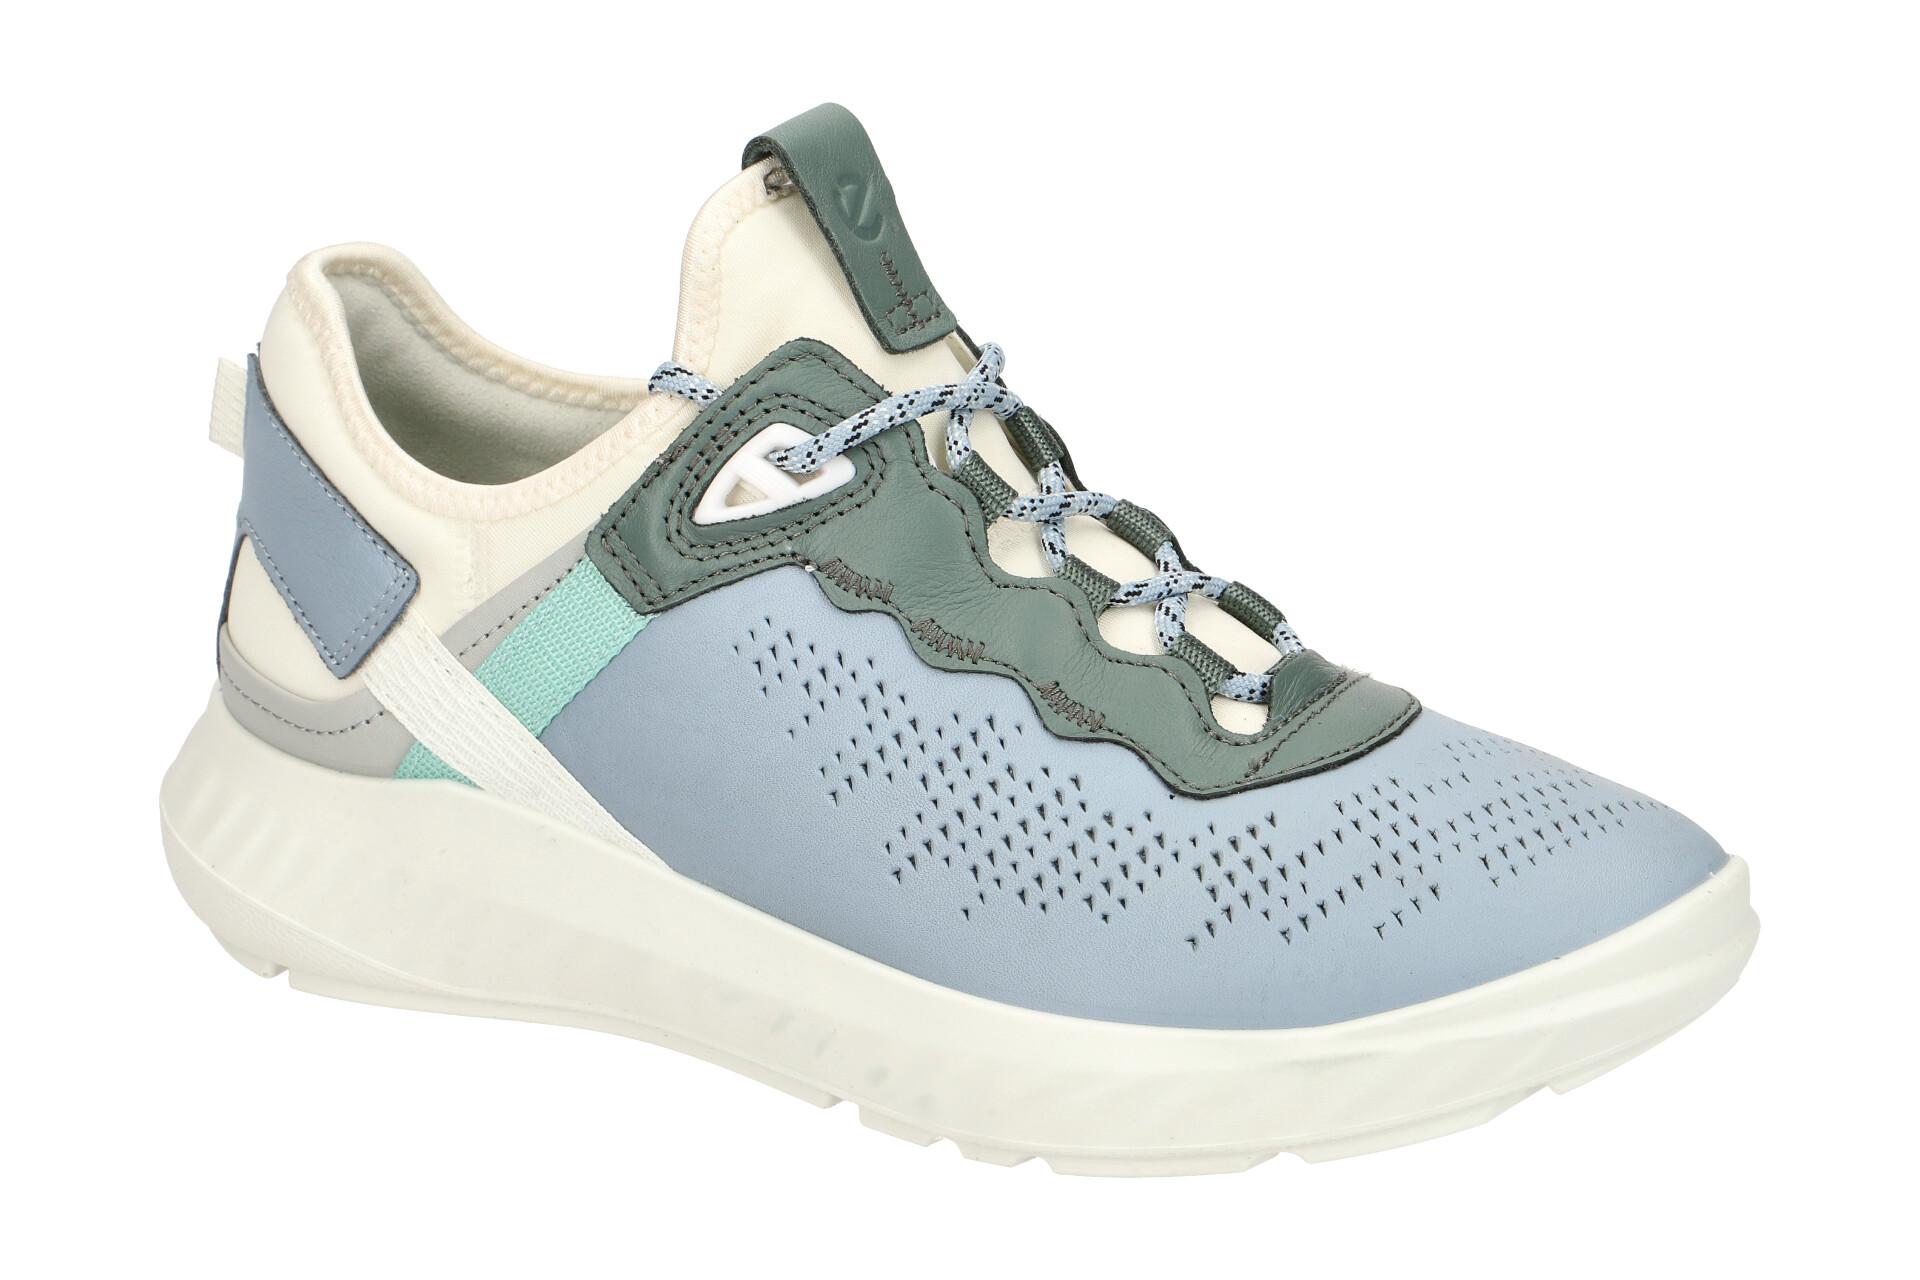 Ecco ST1 Schuhe hellblau Damen 837313